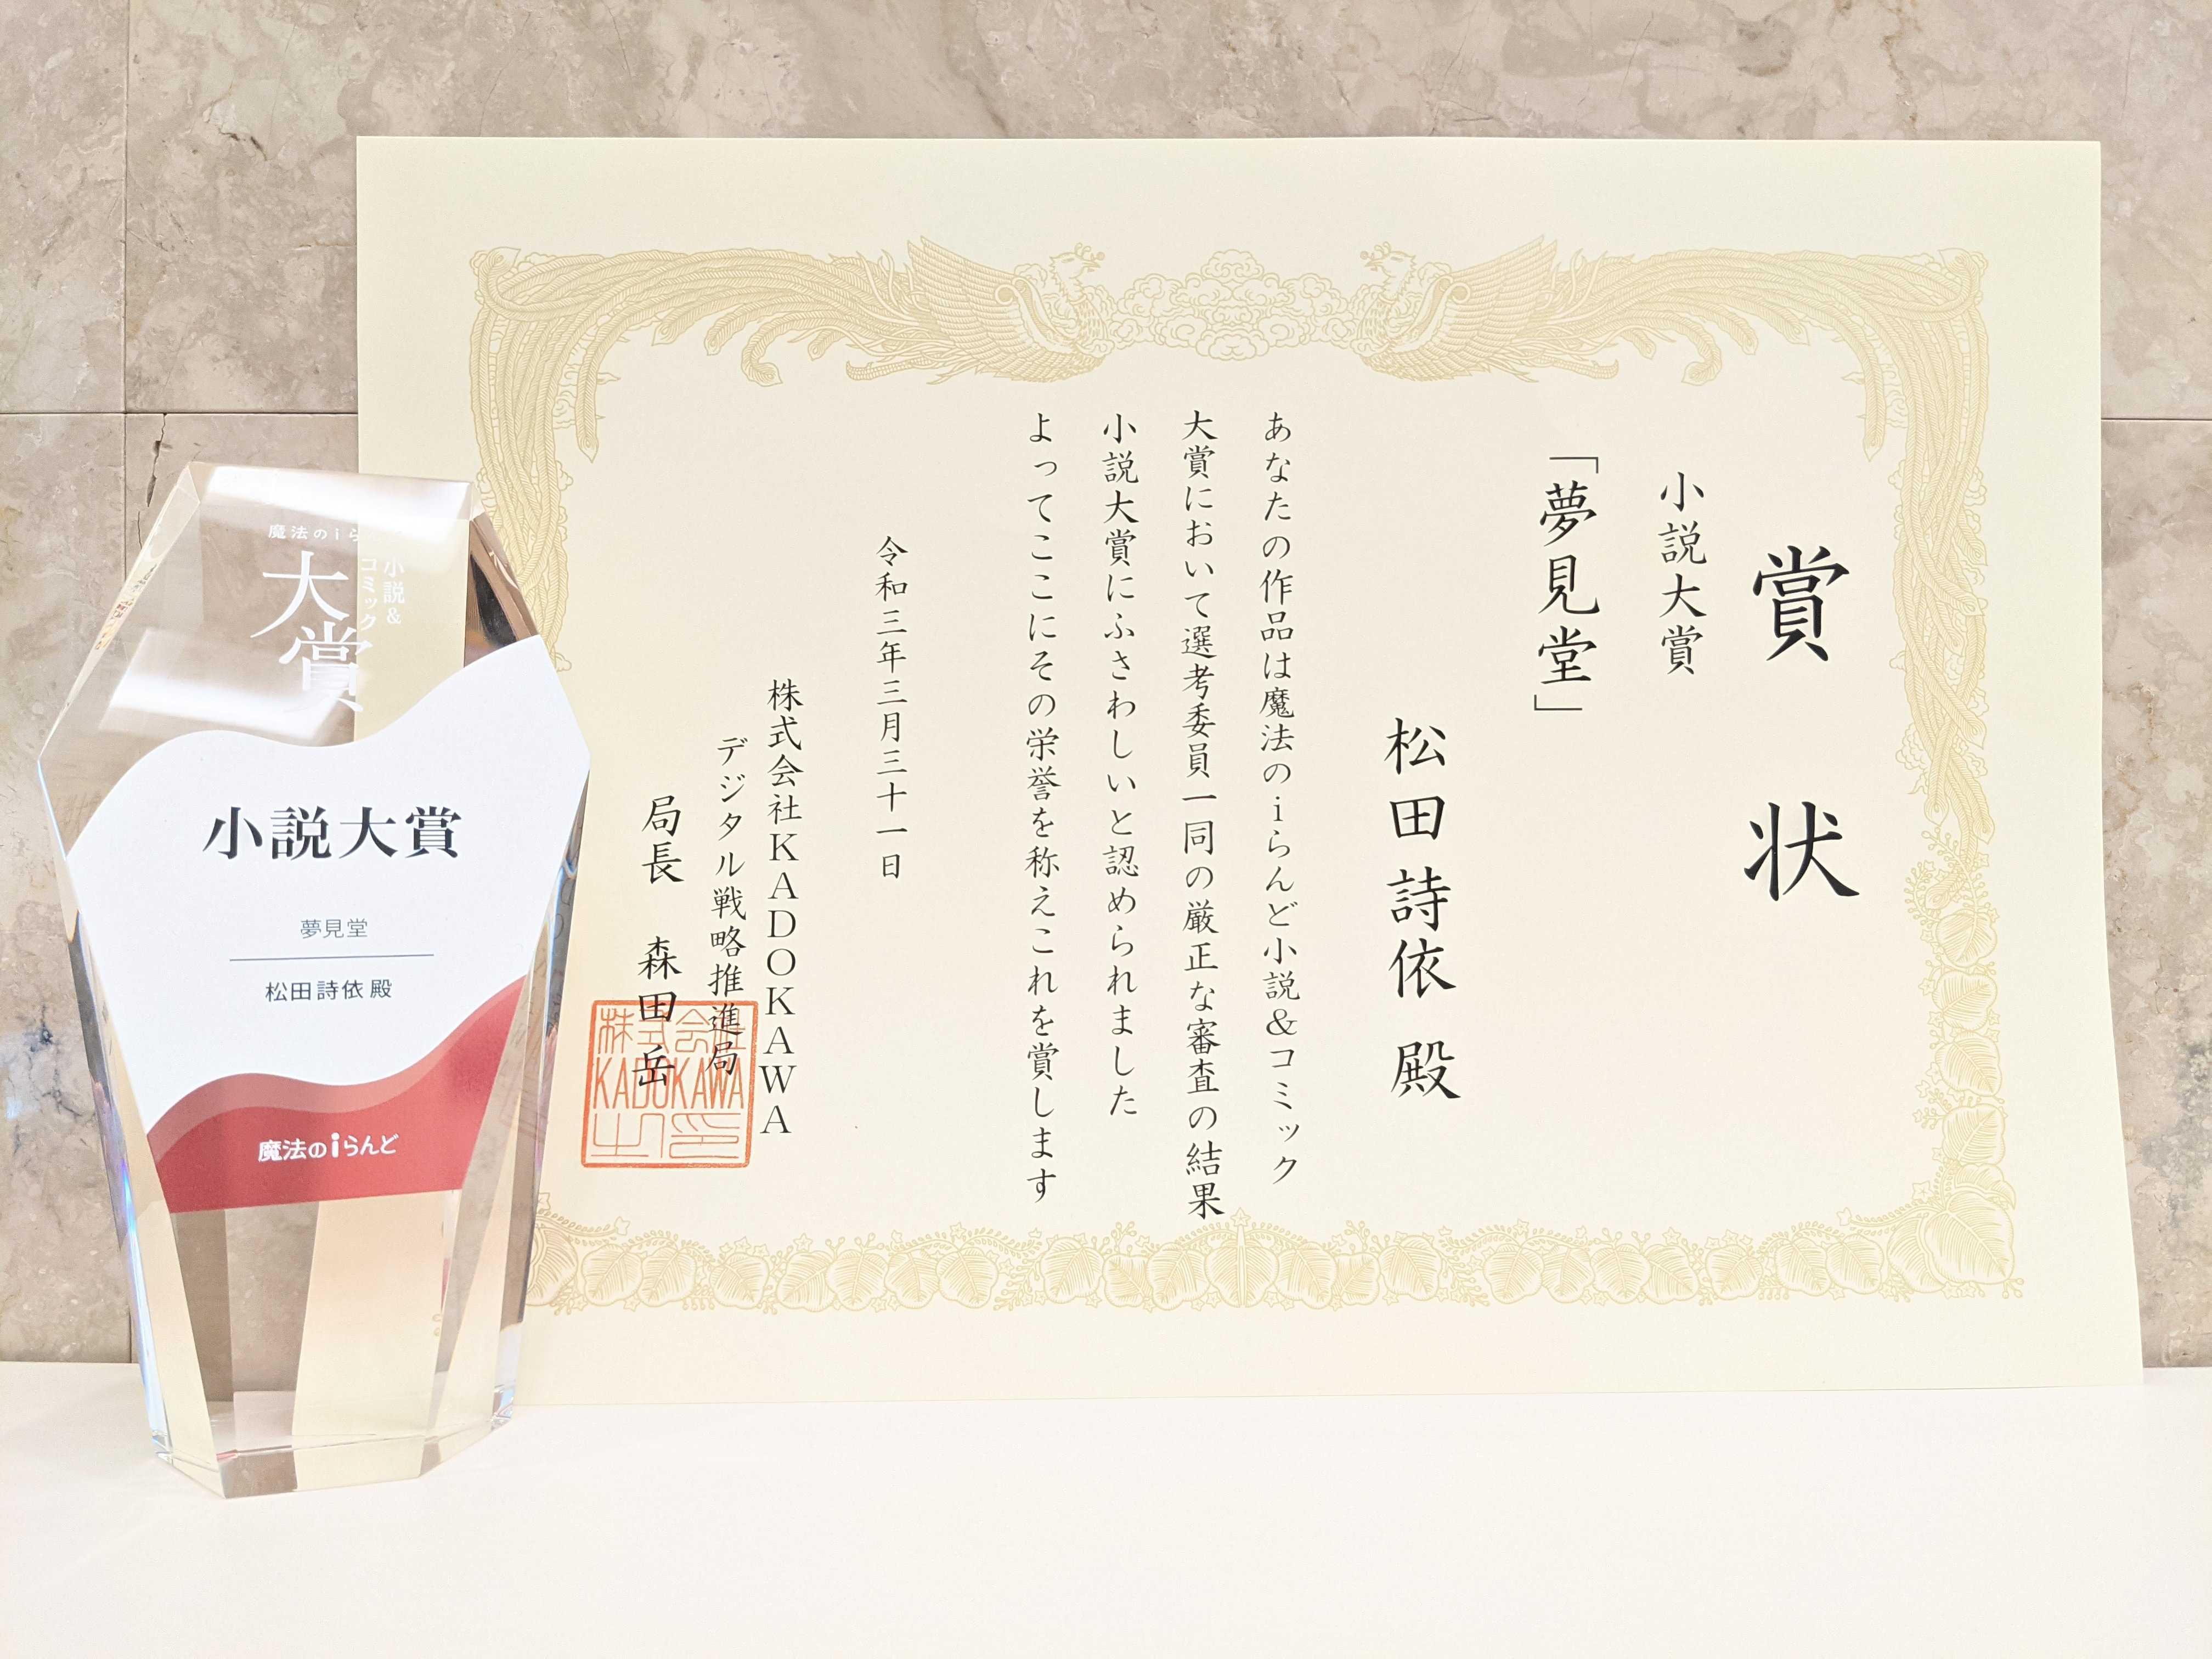 https://storage.googleapis.com/blog-info/entry/2021/06/novel_maho_award.jpg